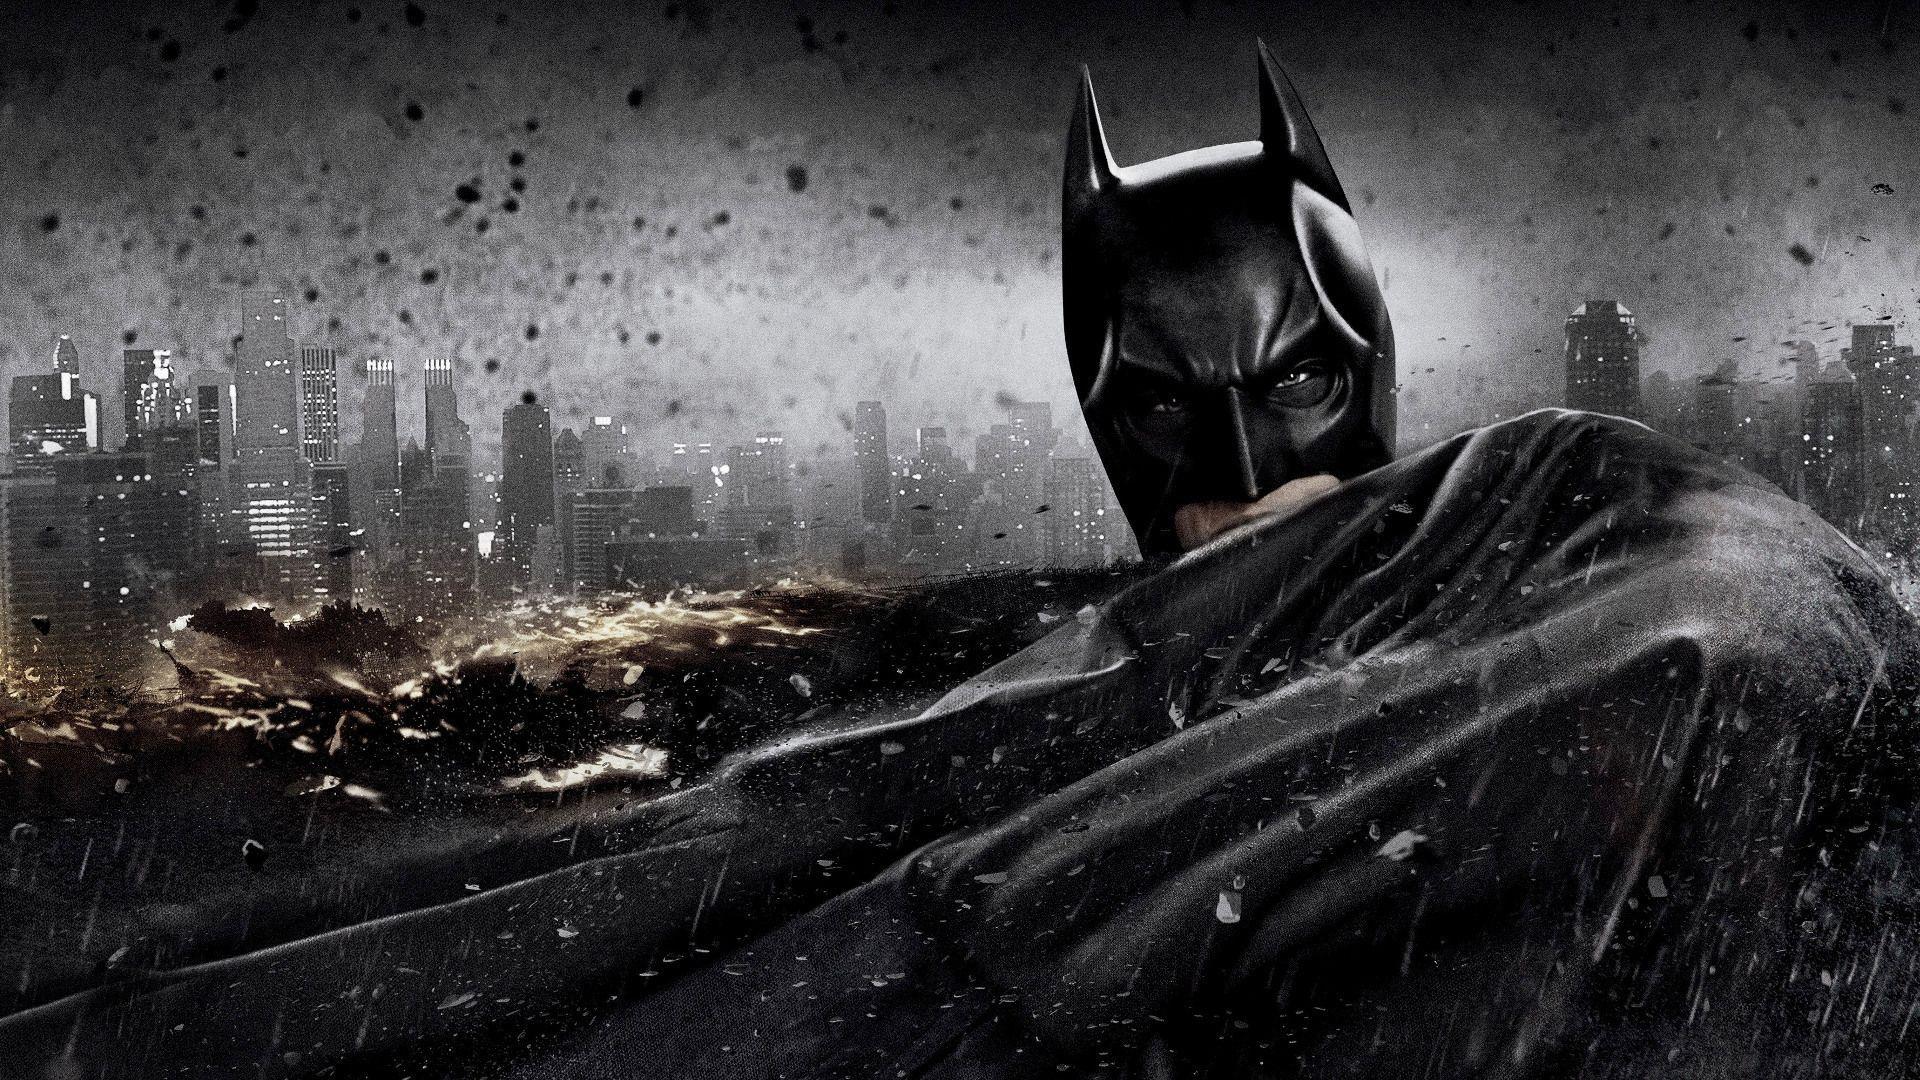 Dark Knight Rises Wallpapers Hd 1920x1080